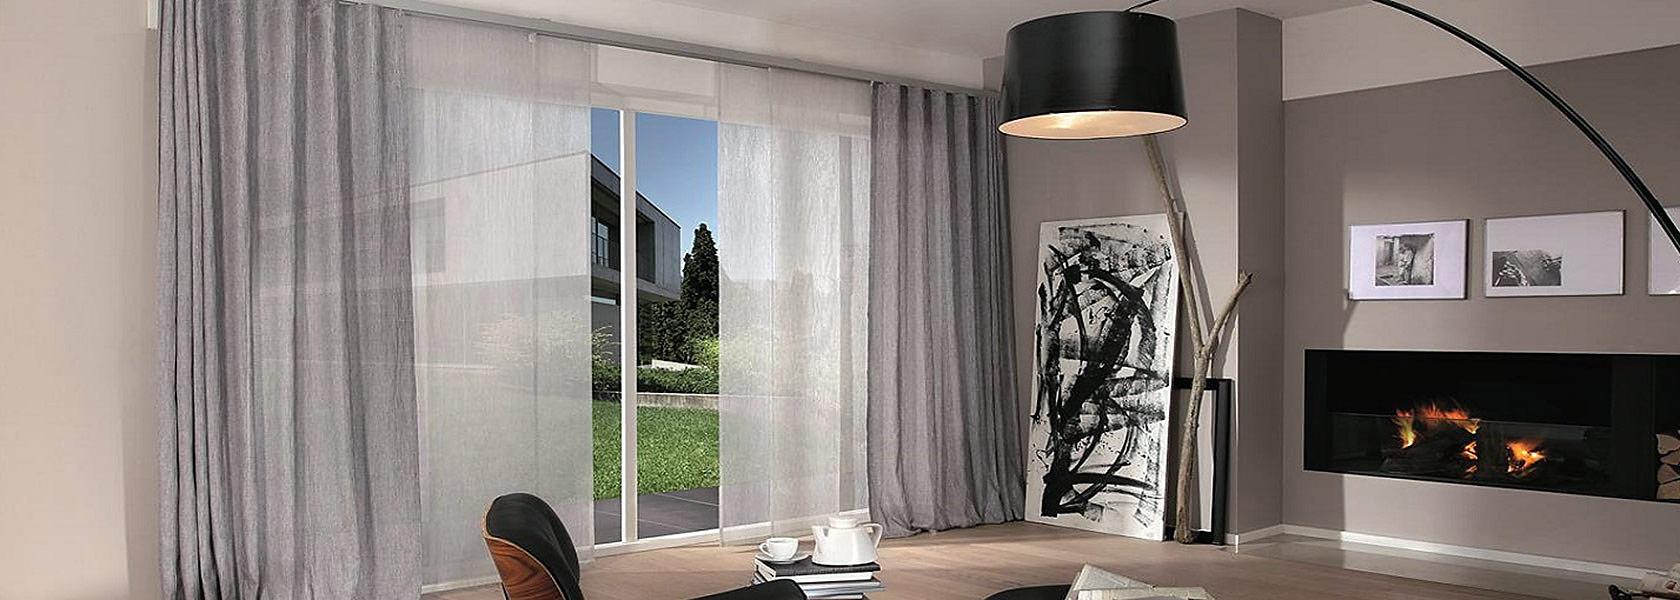 Tende Per Soggiorno Moderne Perfect Idee Tende Per Salone